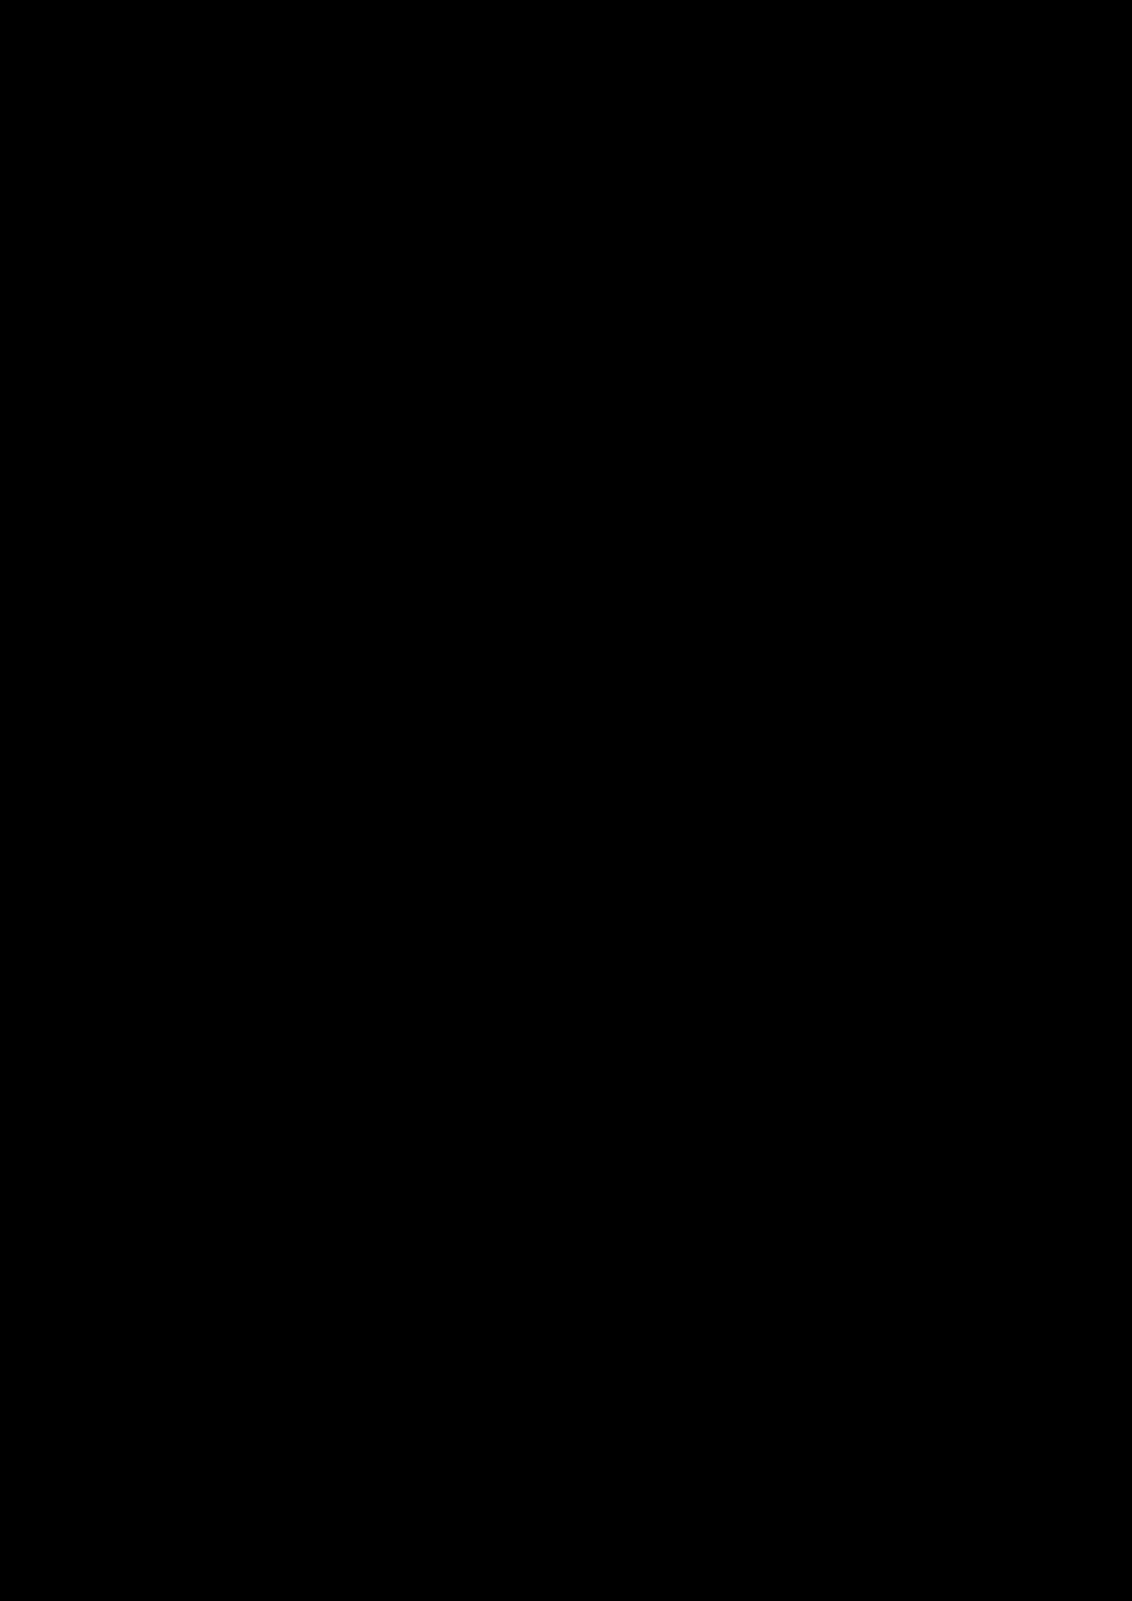 Serdtse slide, Image 23